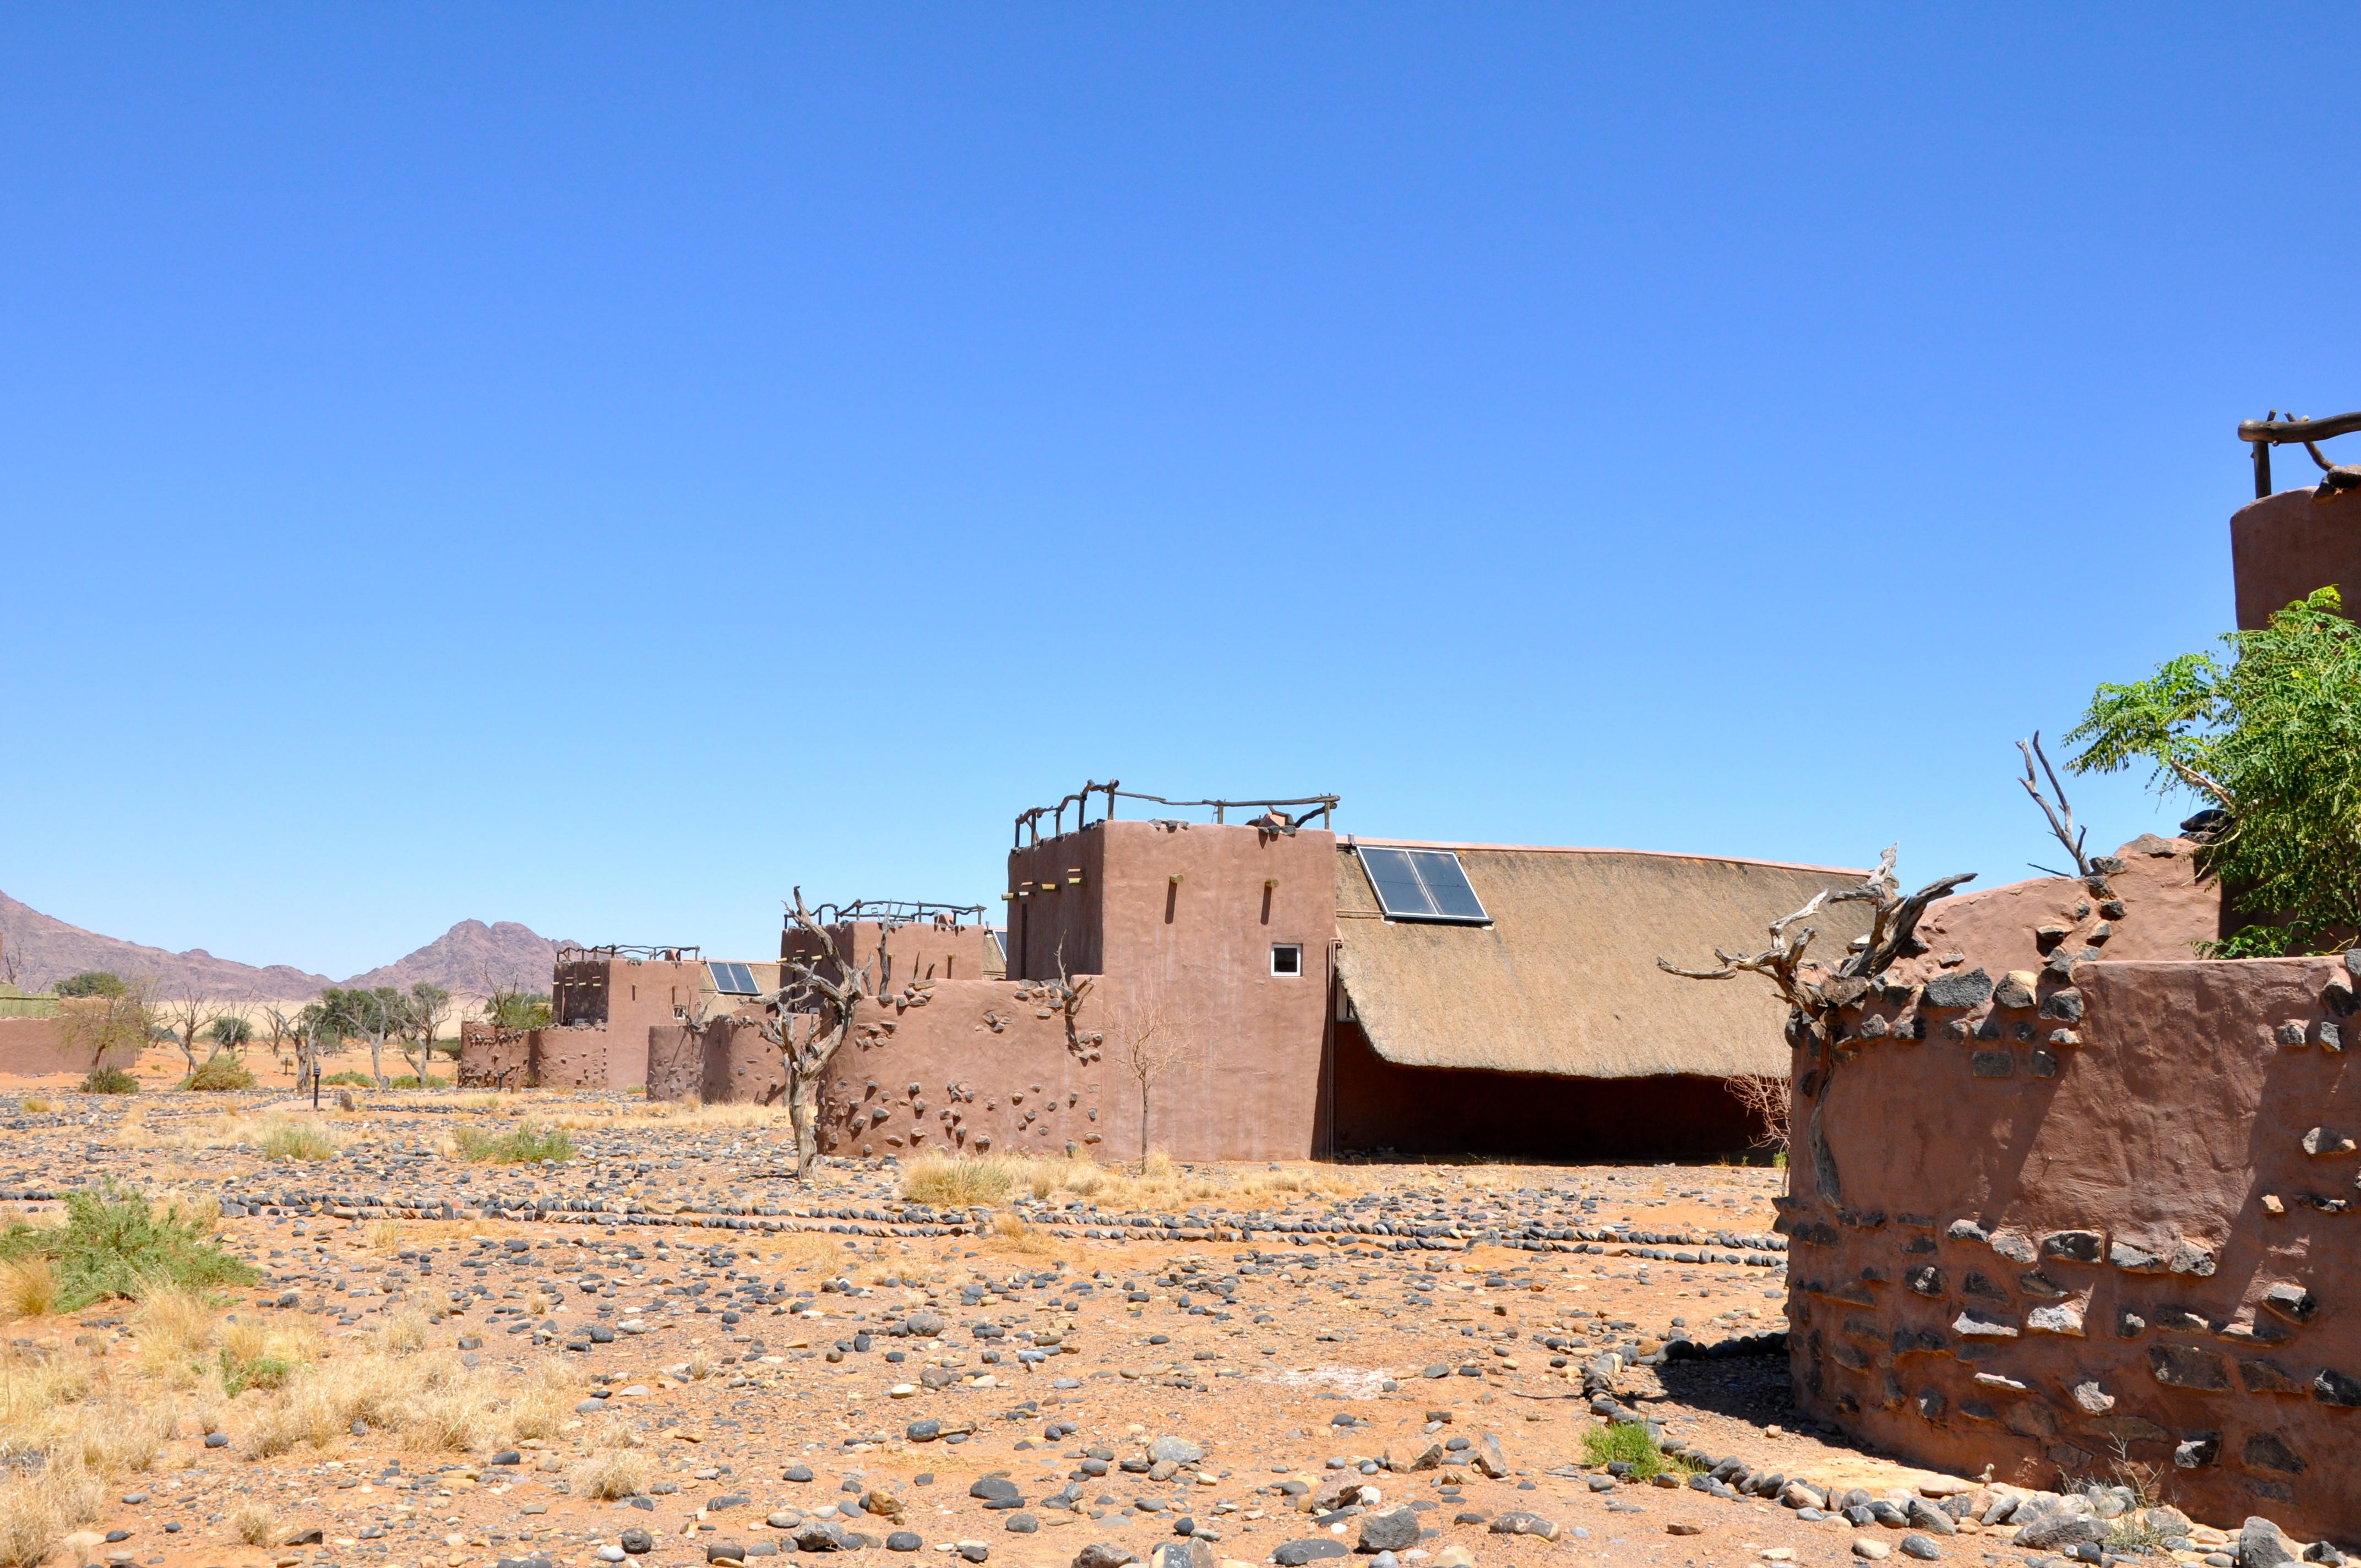 Little Kulala, o primeiro acampamento da Namíbia